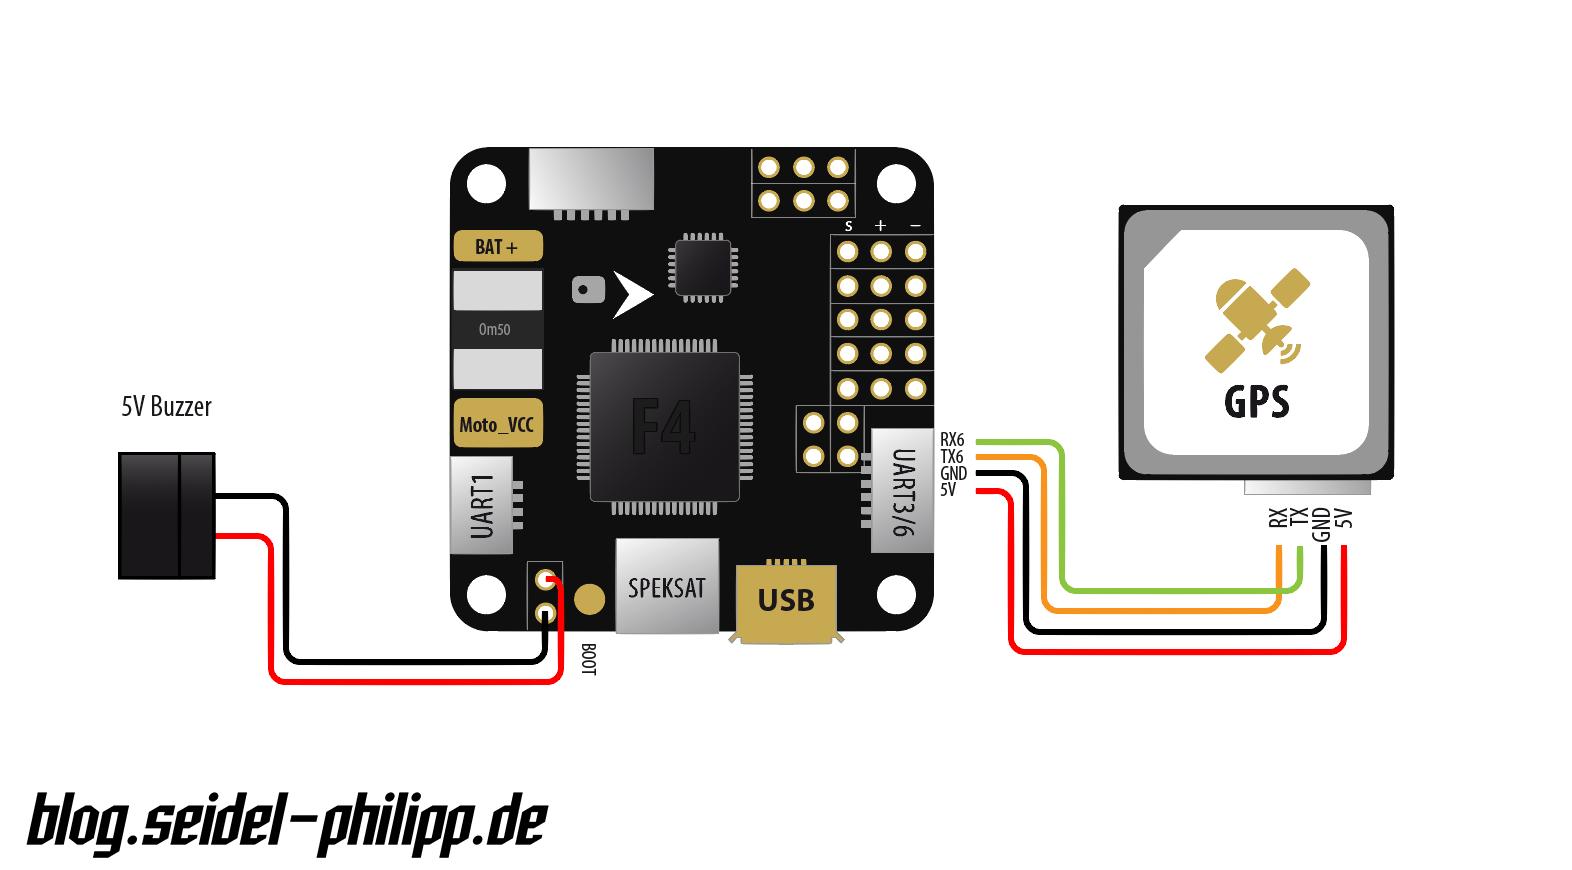 FPV Wing aus Kopter-Teilen bauen mit INAV - Teil 1 Omnibus F Pro Gps Wiring Diagram on